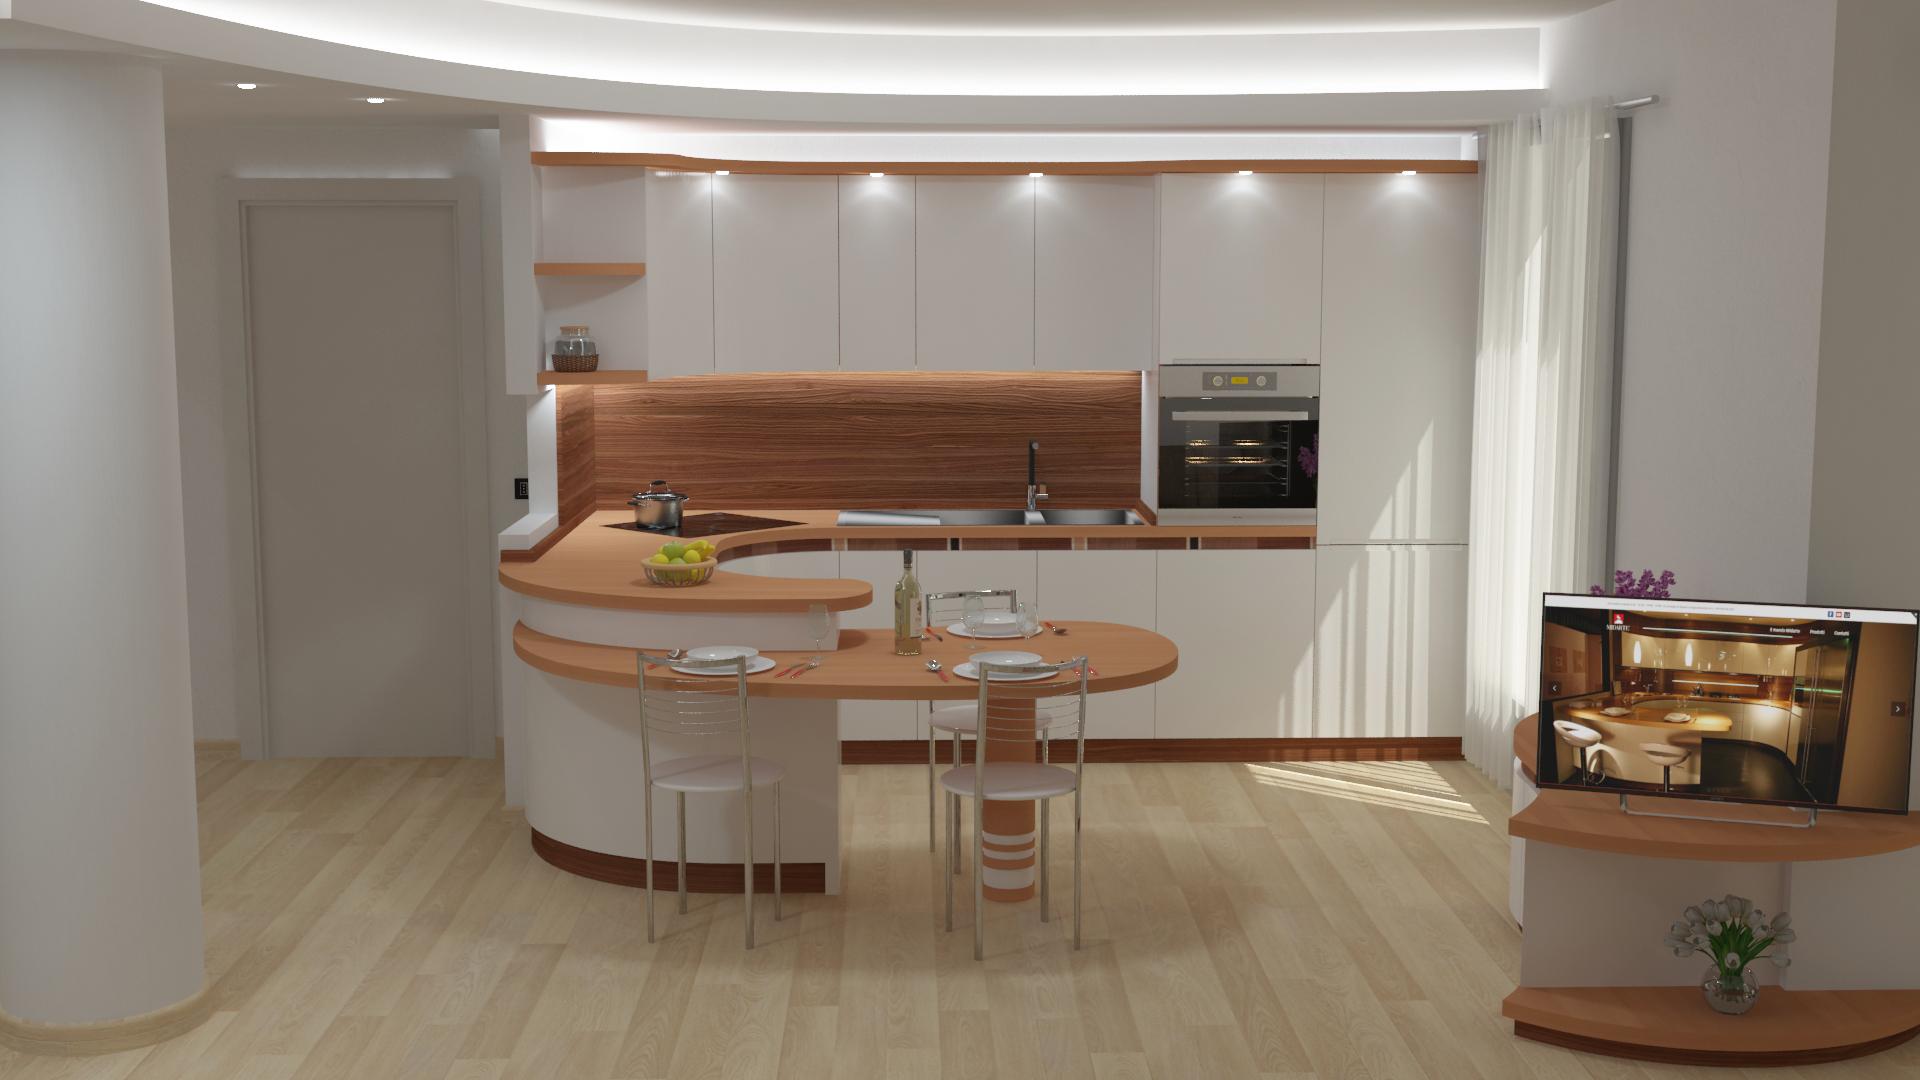 Controsoffitto-luci-led-cucina-avvolgente-progetto-Milano